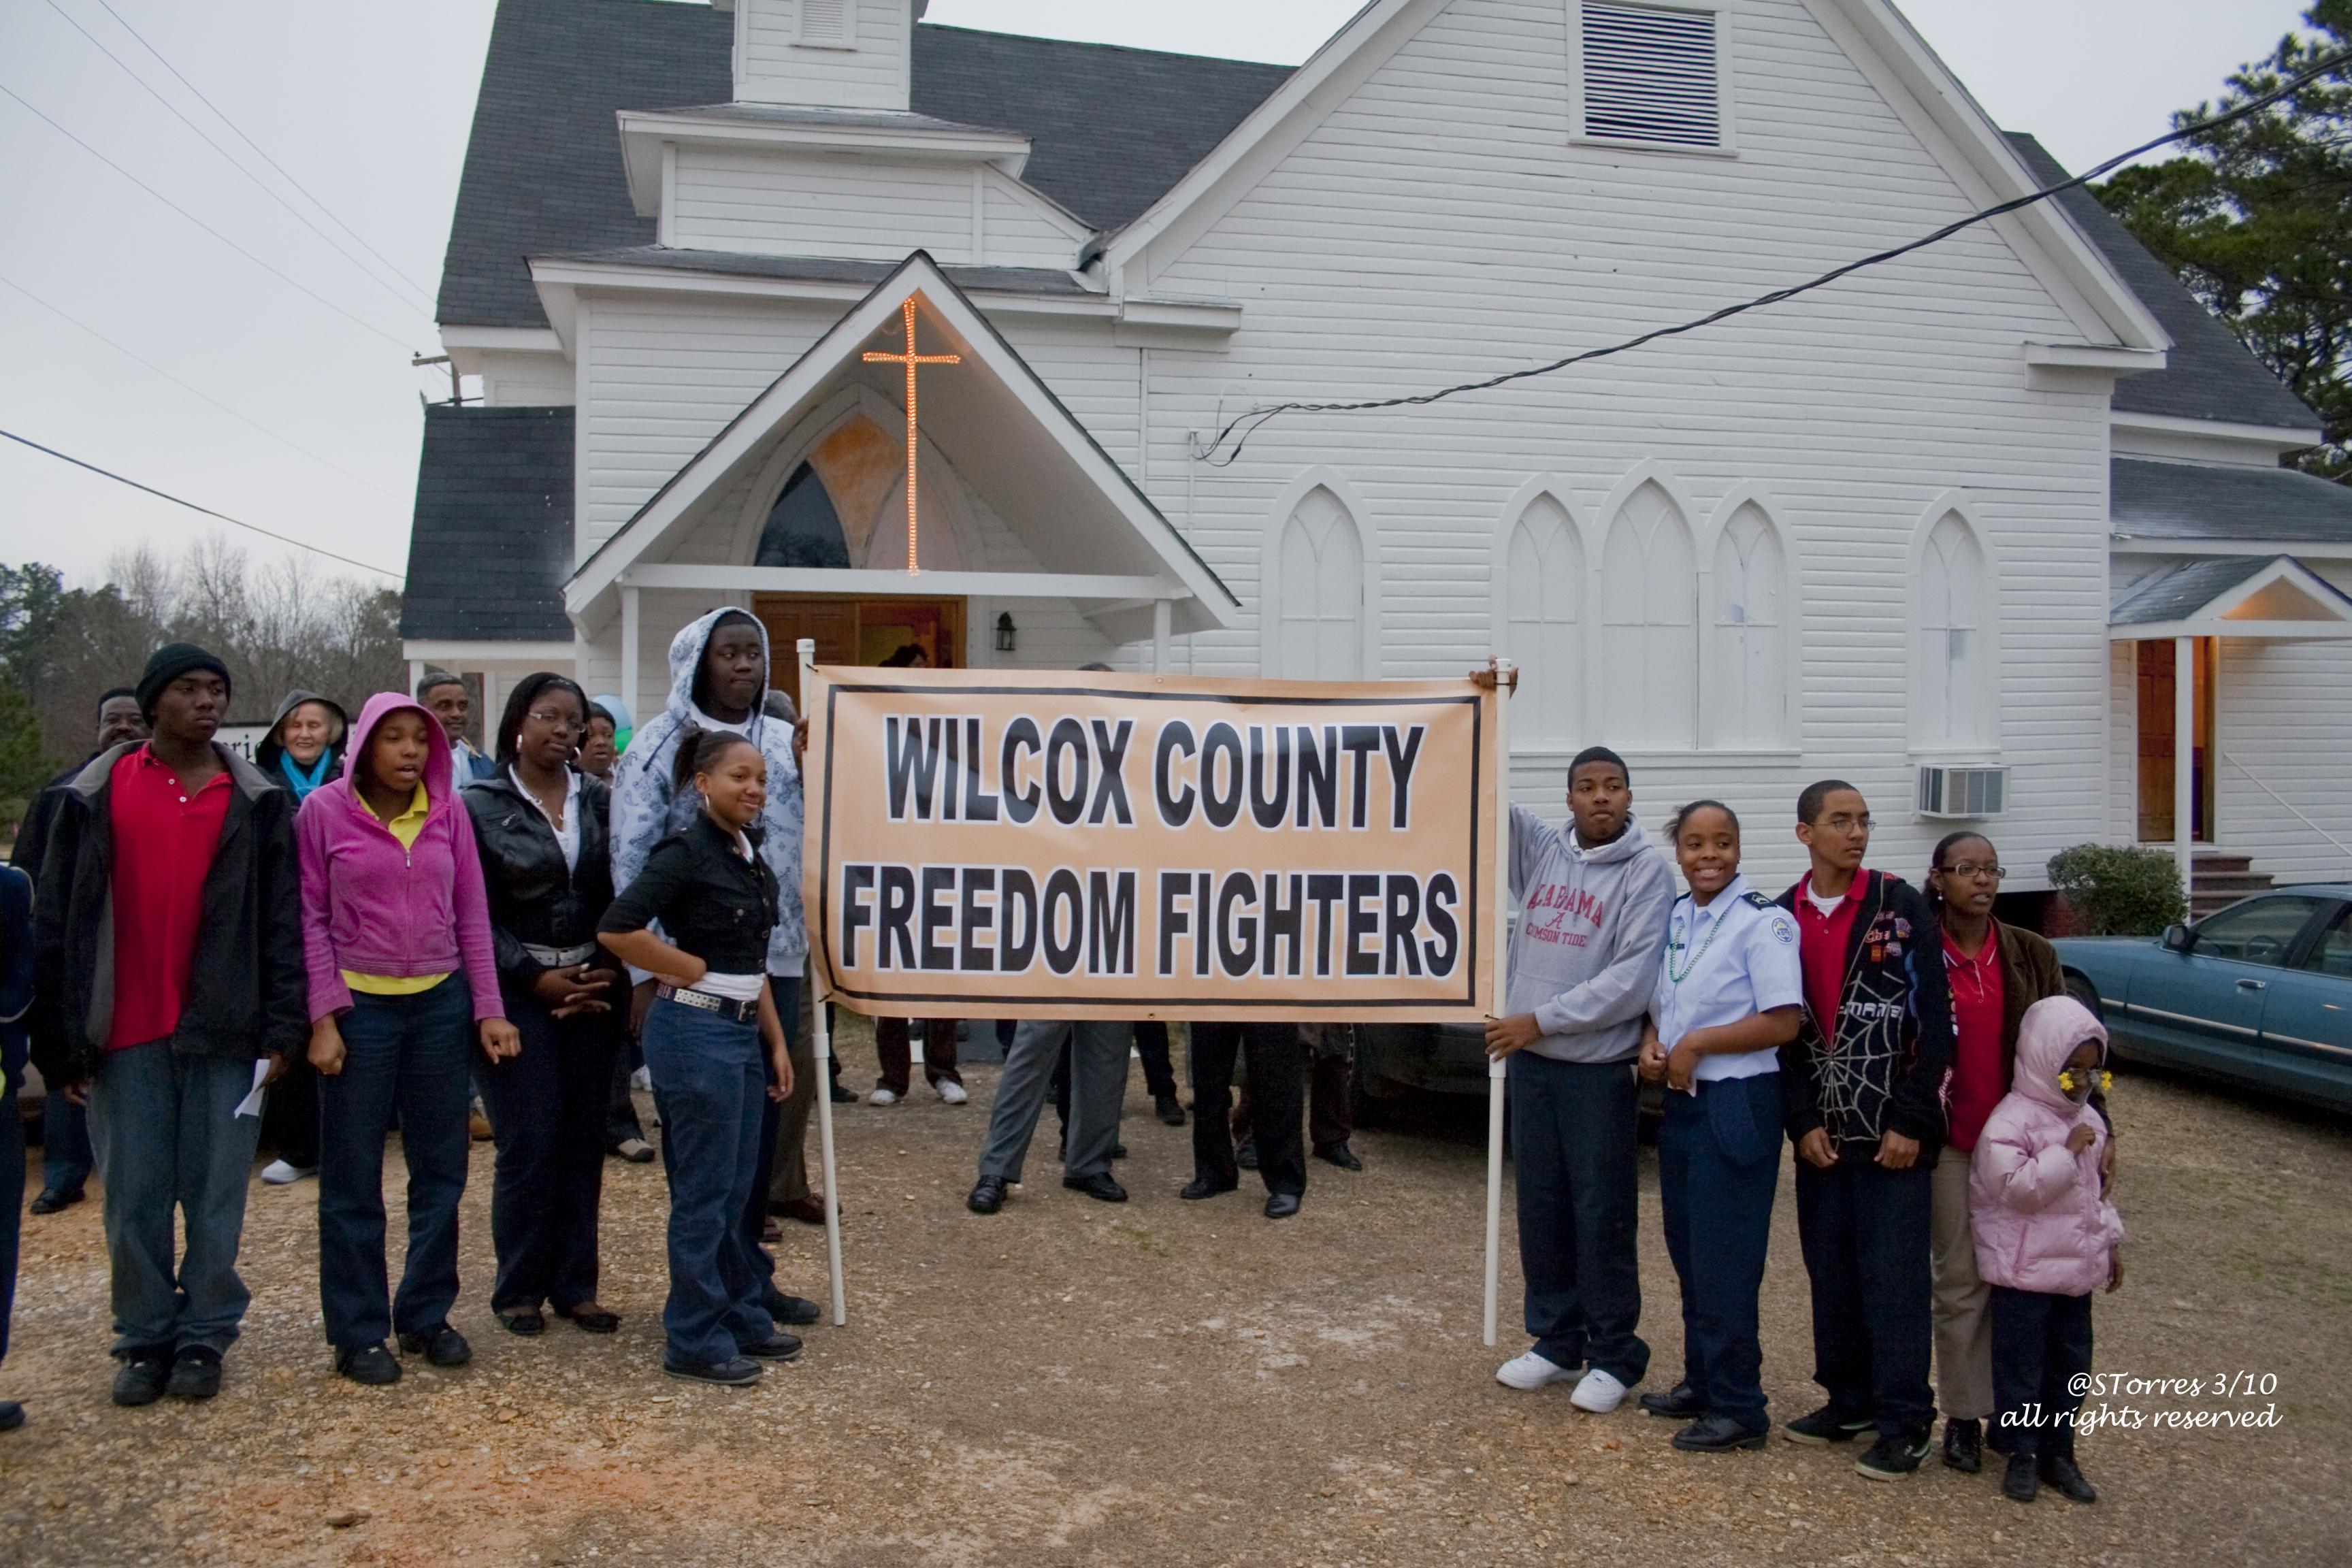 Alabama wilcox county camden - Freedom